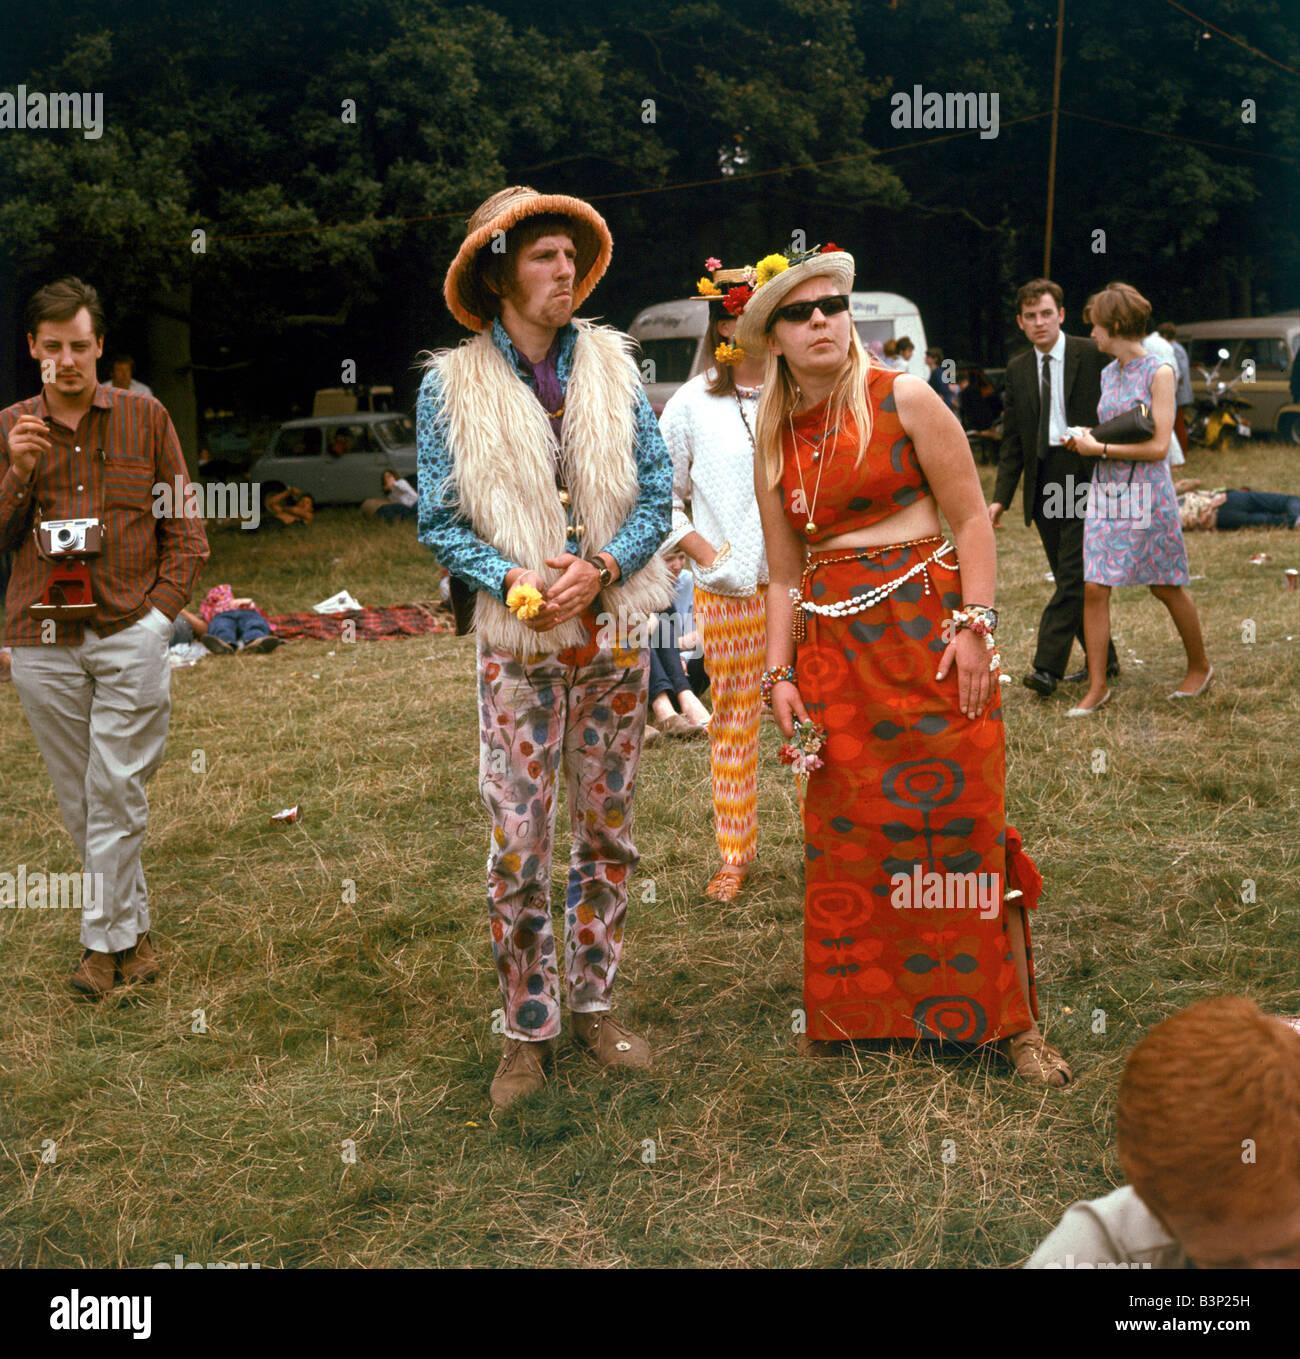 2c44cb1a566e 1960 La moda 1960 ropa hippies en flower festival Fur chaleco Hat gafas  pantalones y vestidos